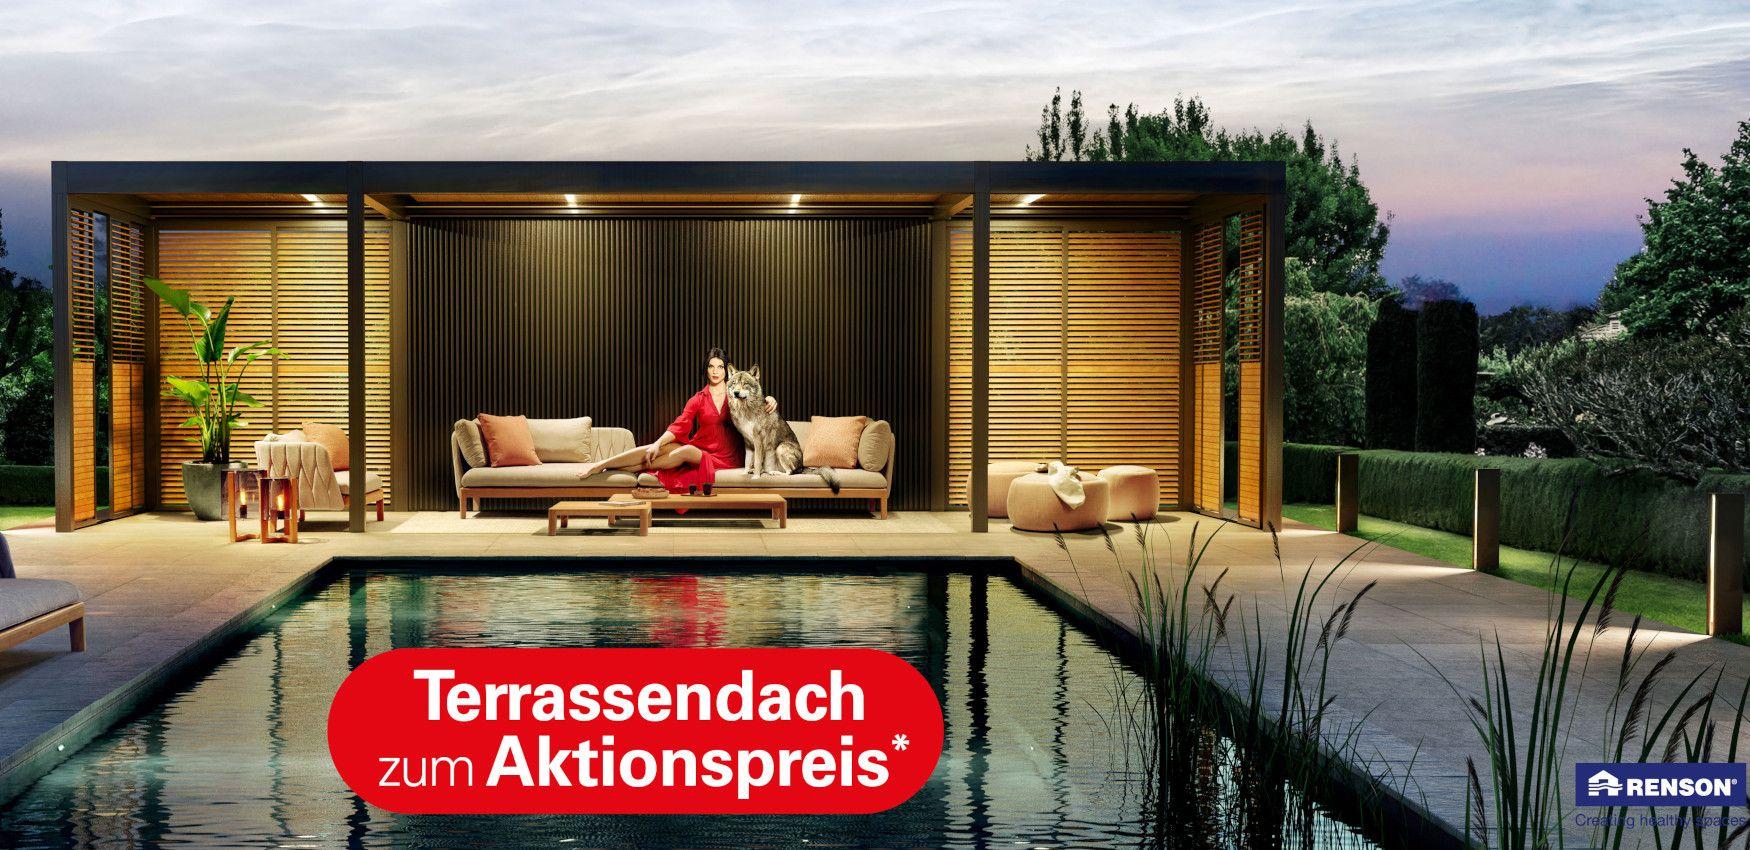 Terrassendach-Aktion